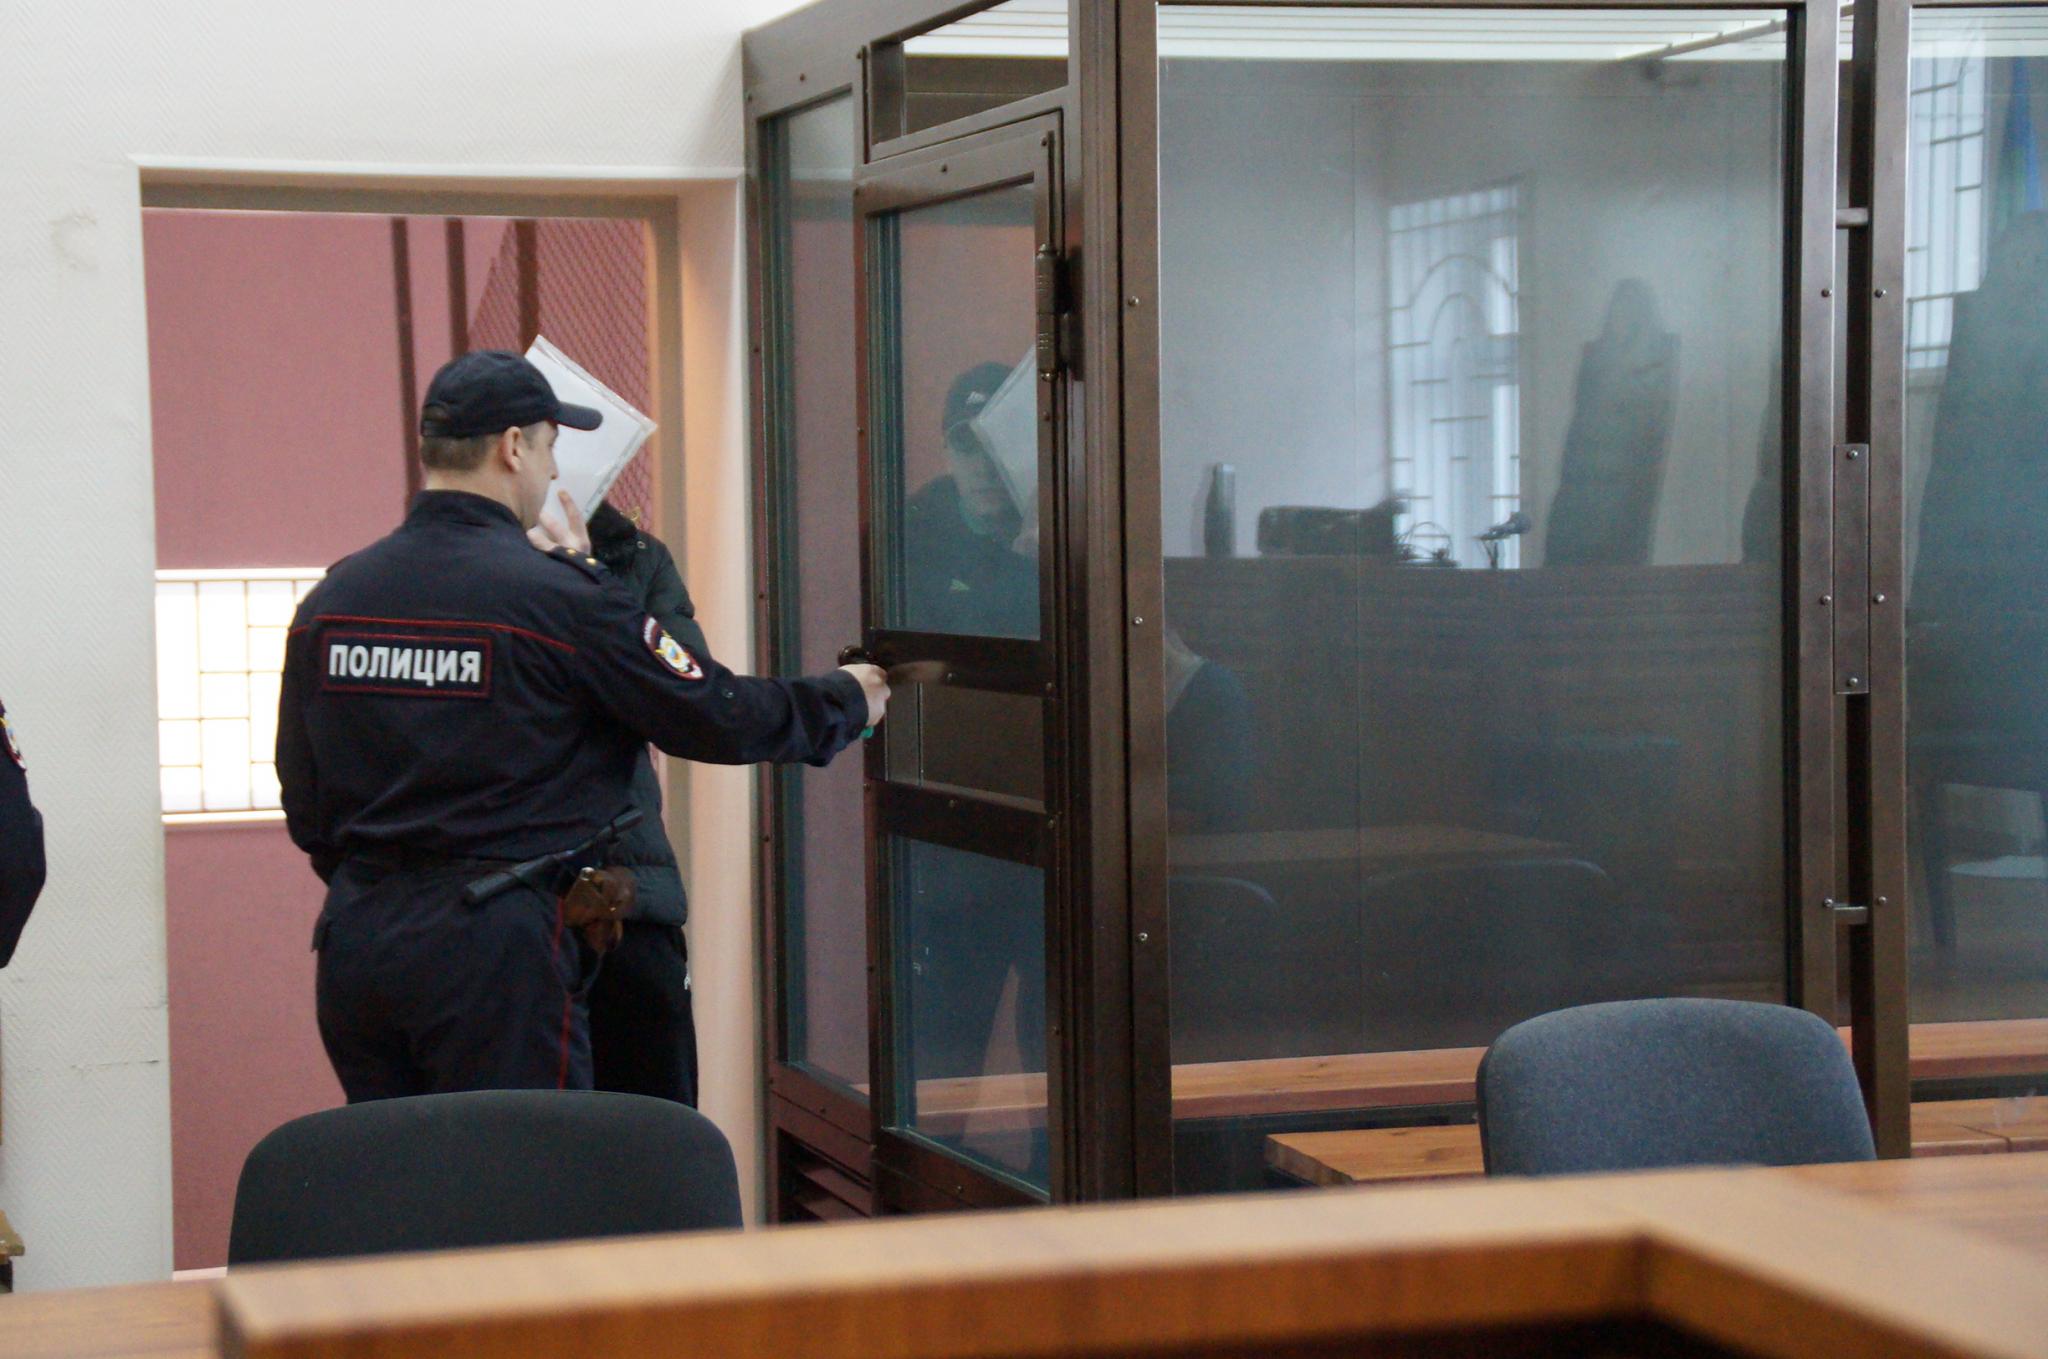 В Чепецке девушка вынесла из магазина кассеты для бритвы на 11 тысяч